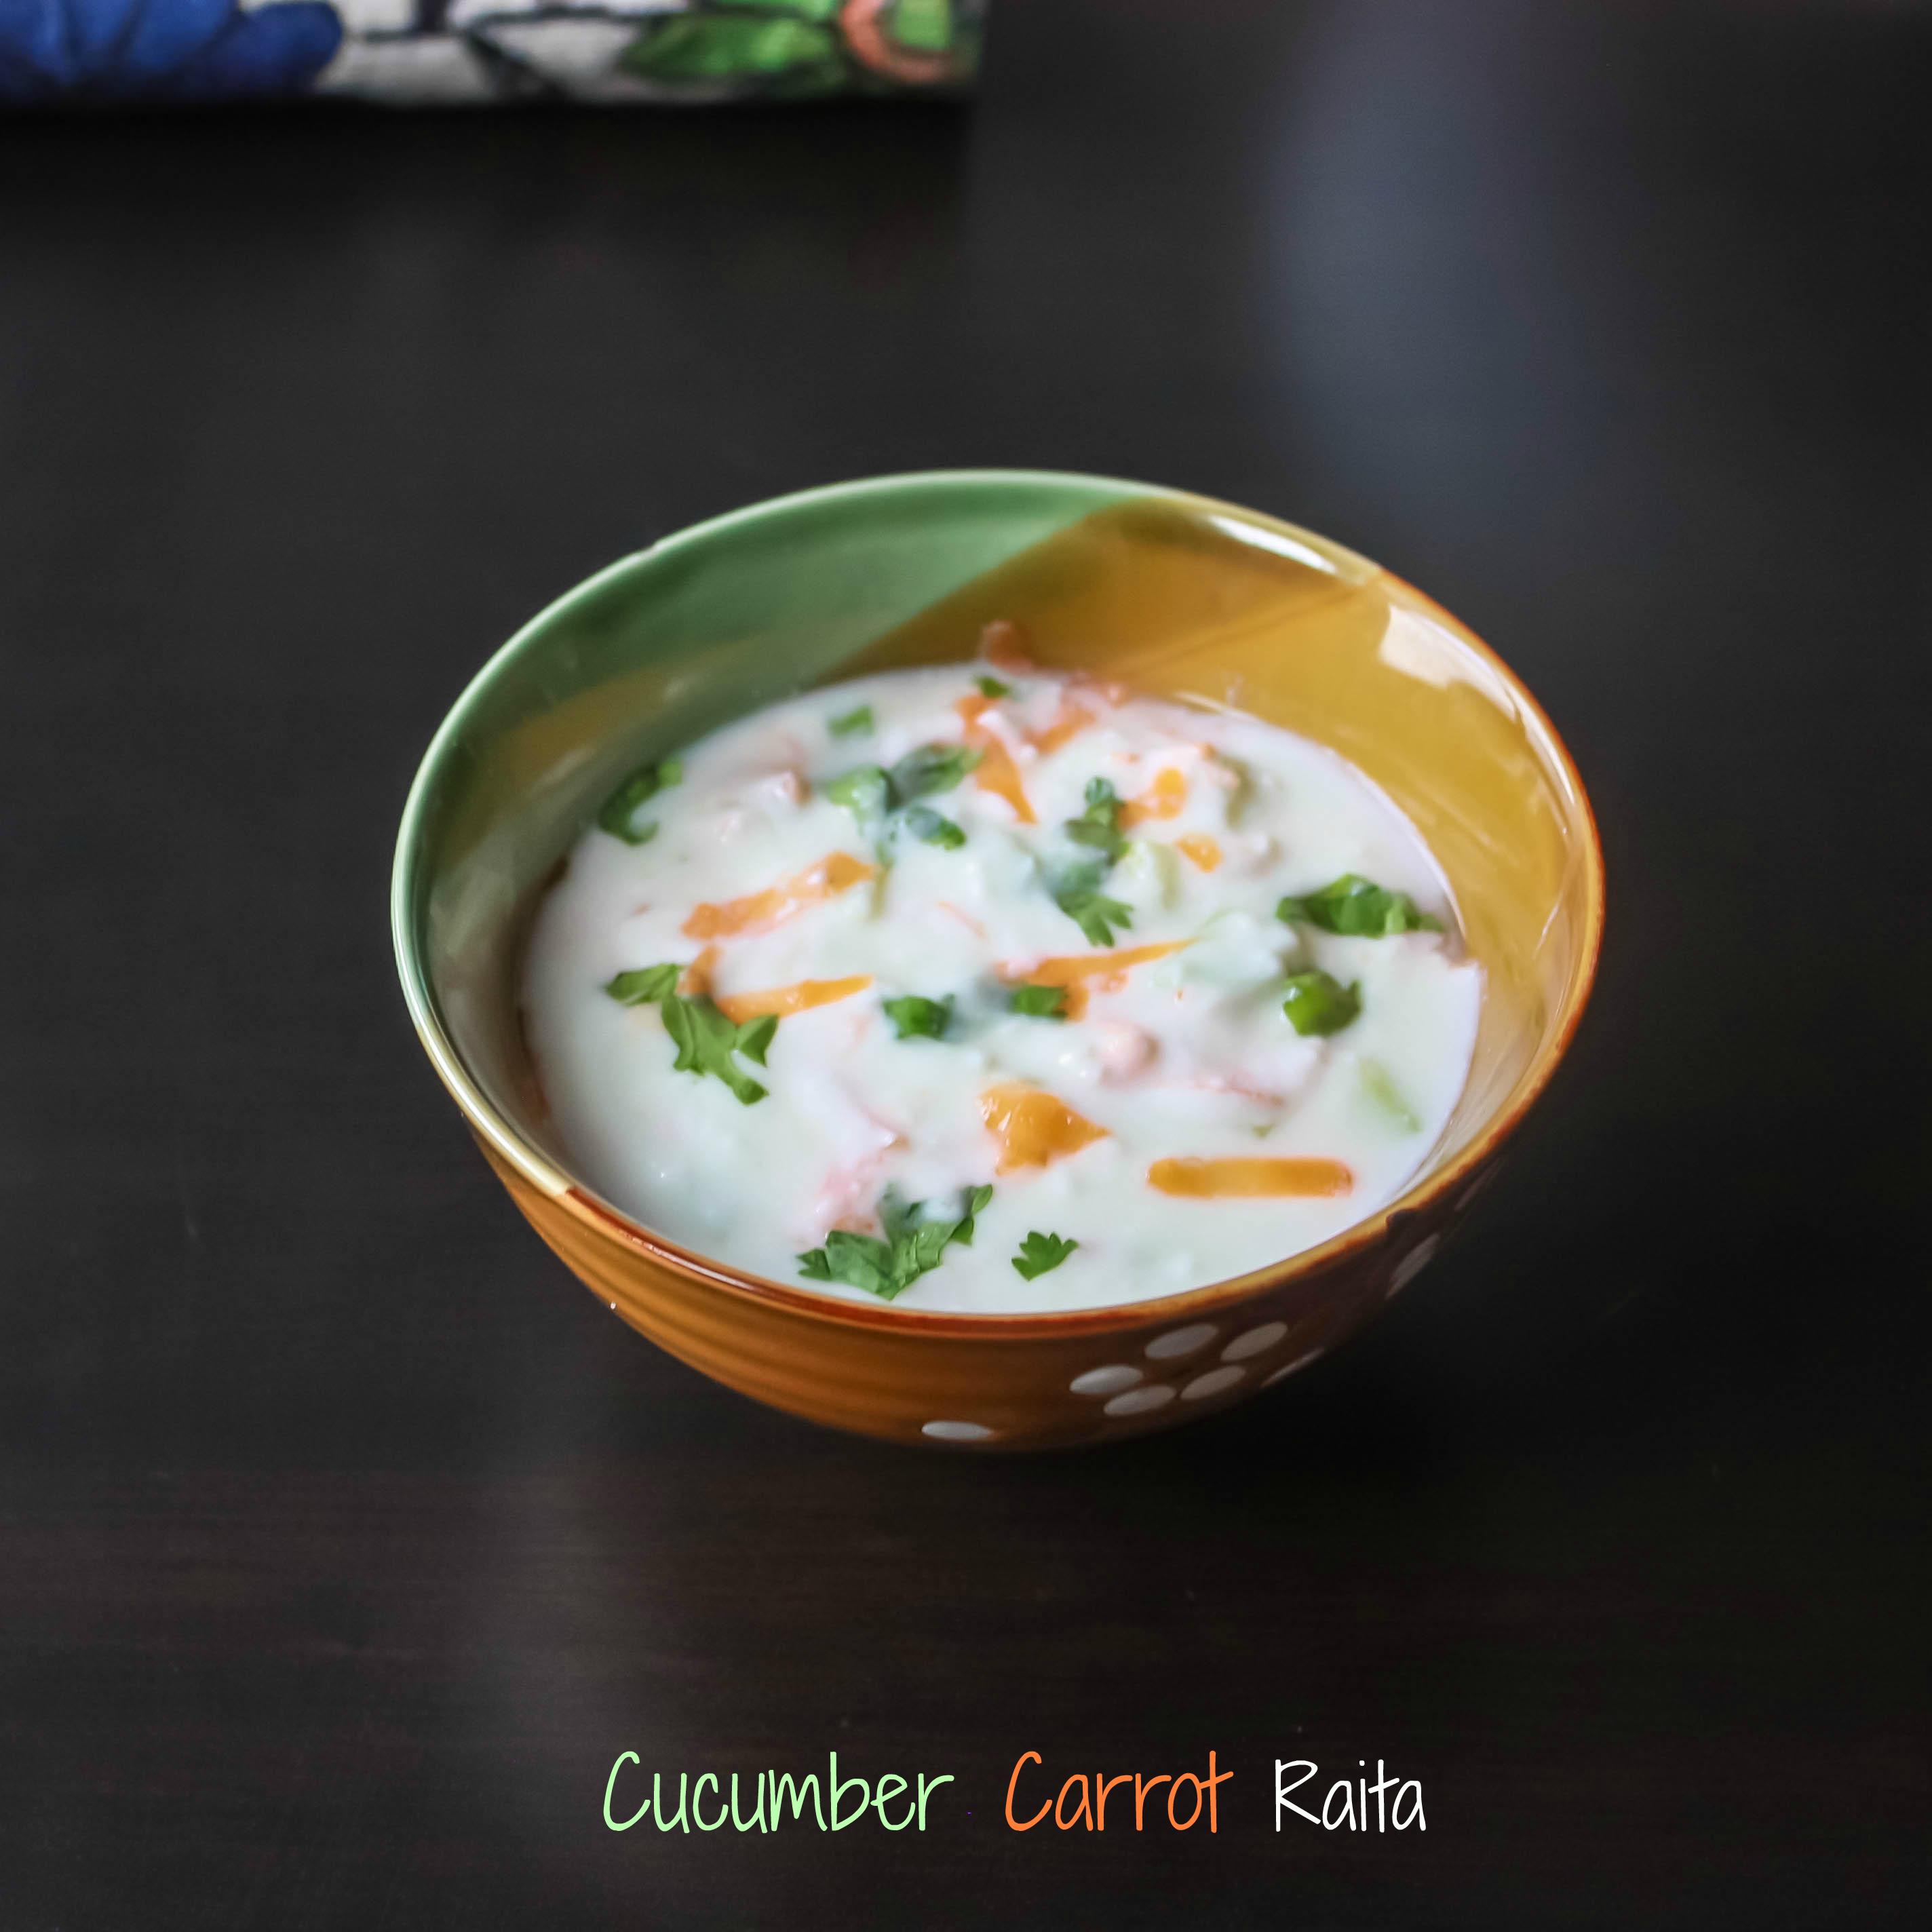 Cucumber_carrot_raita_name2